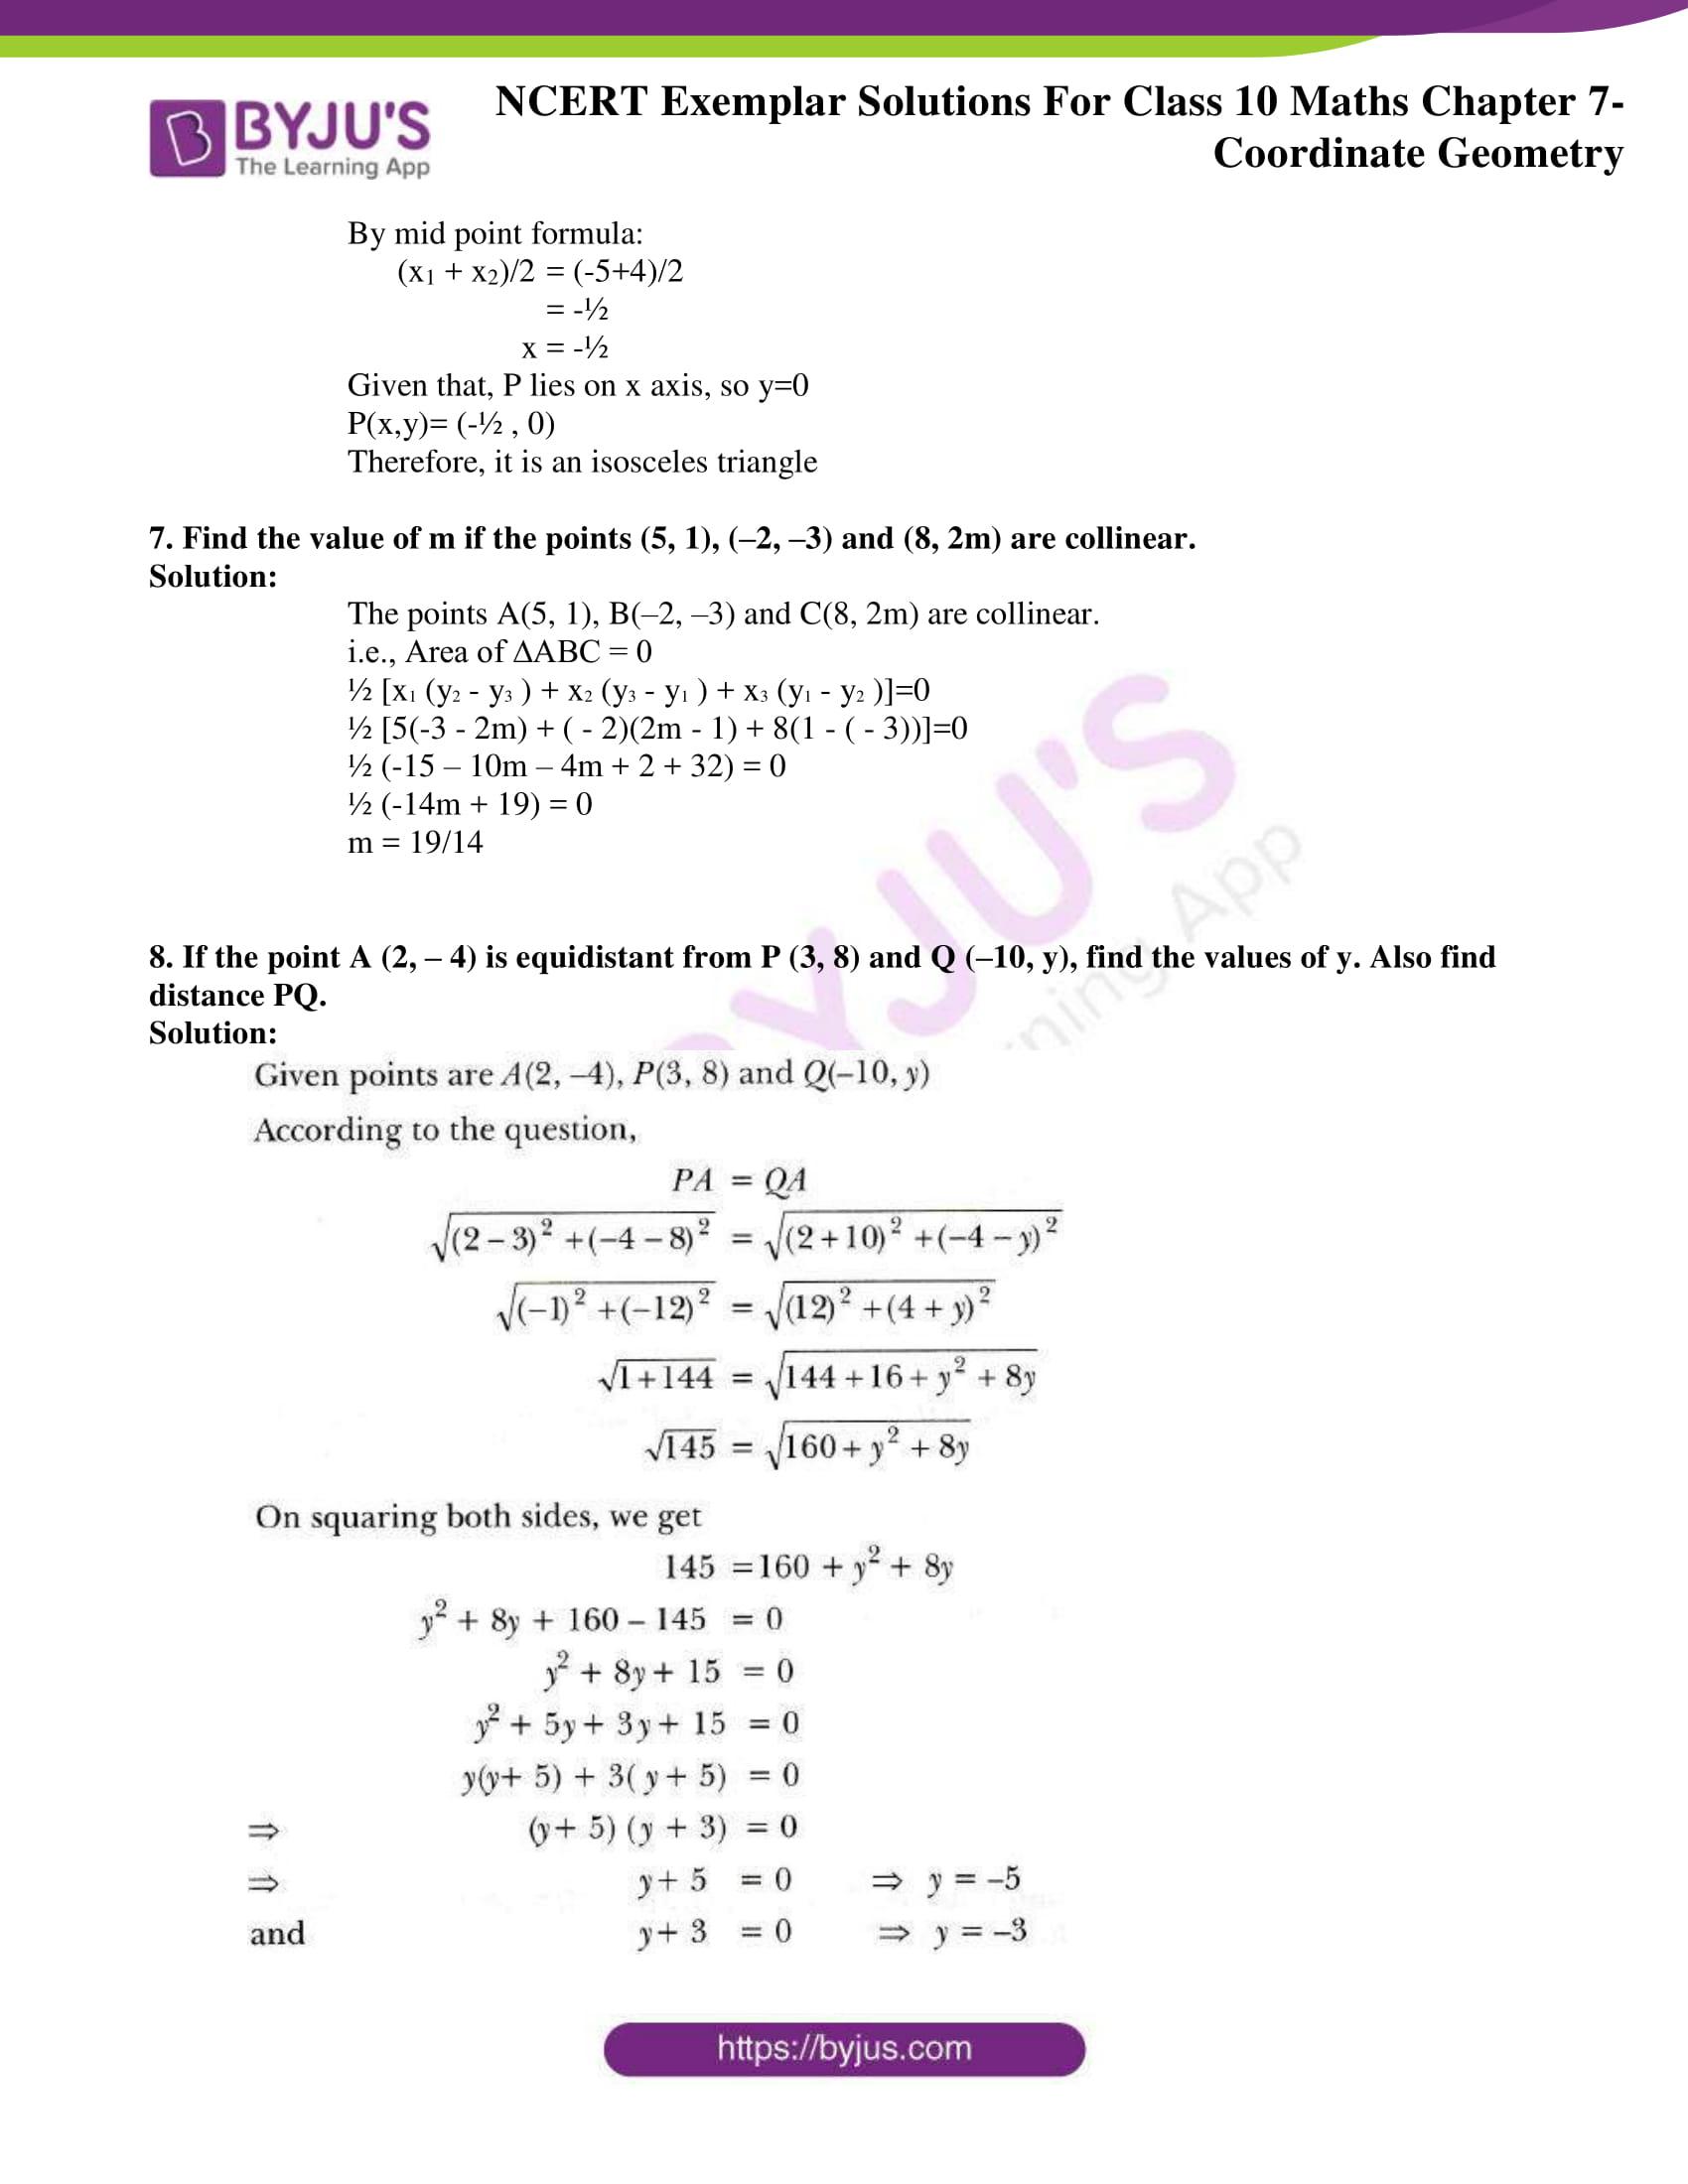 ncert exemplar solution for class 10 maths chapter 7